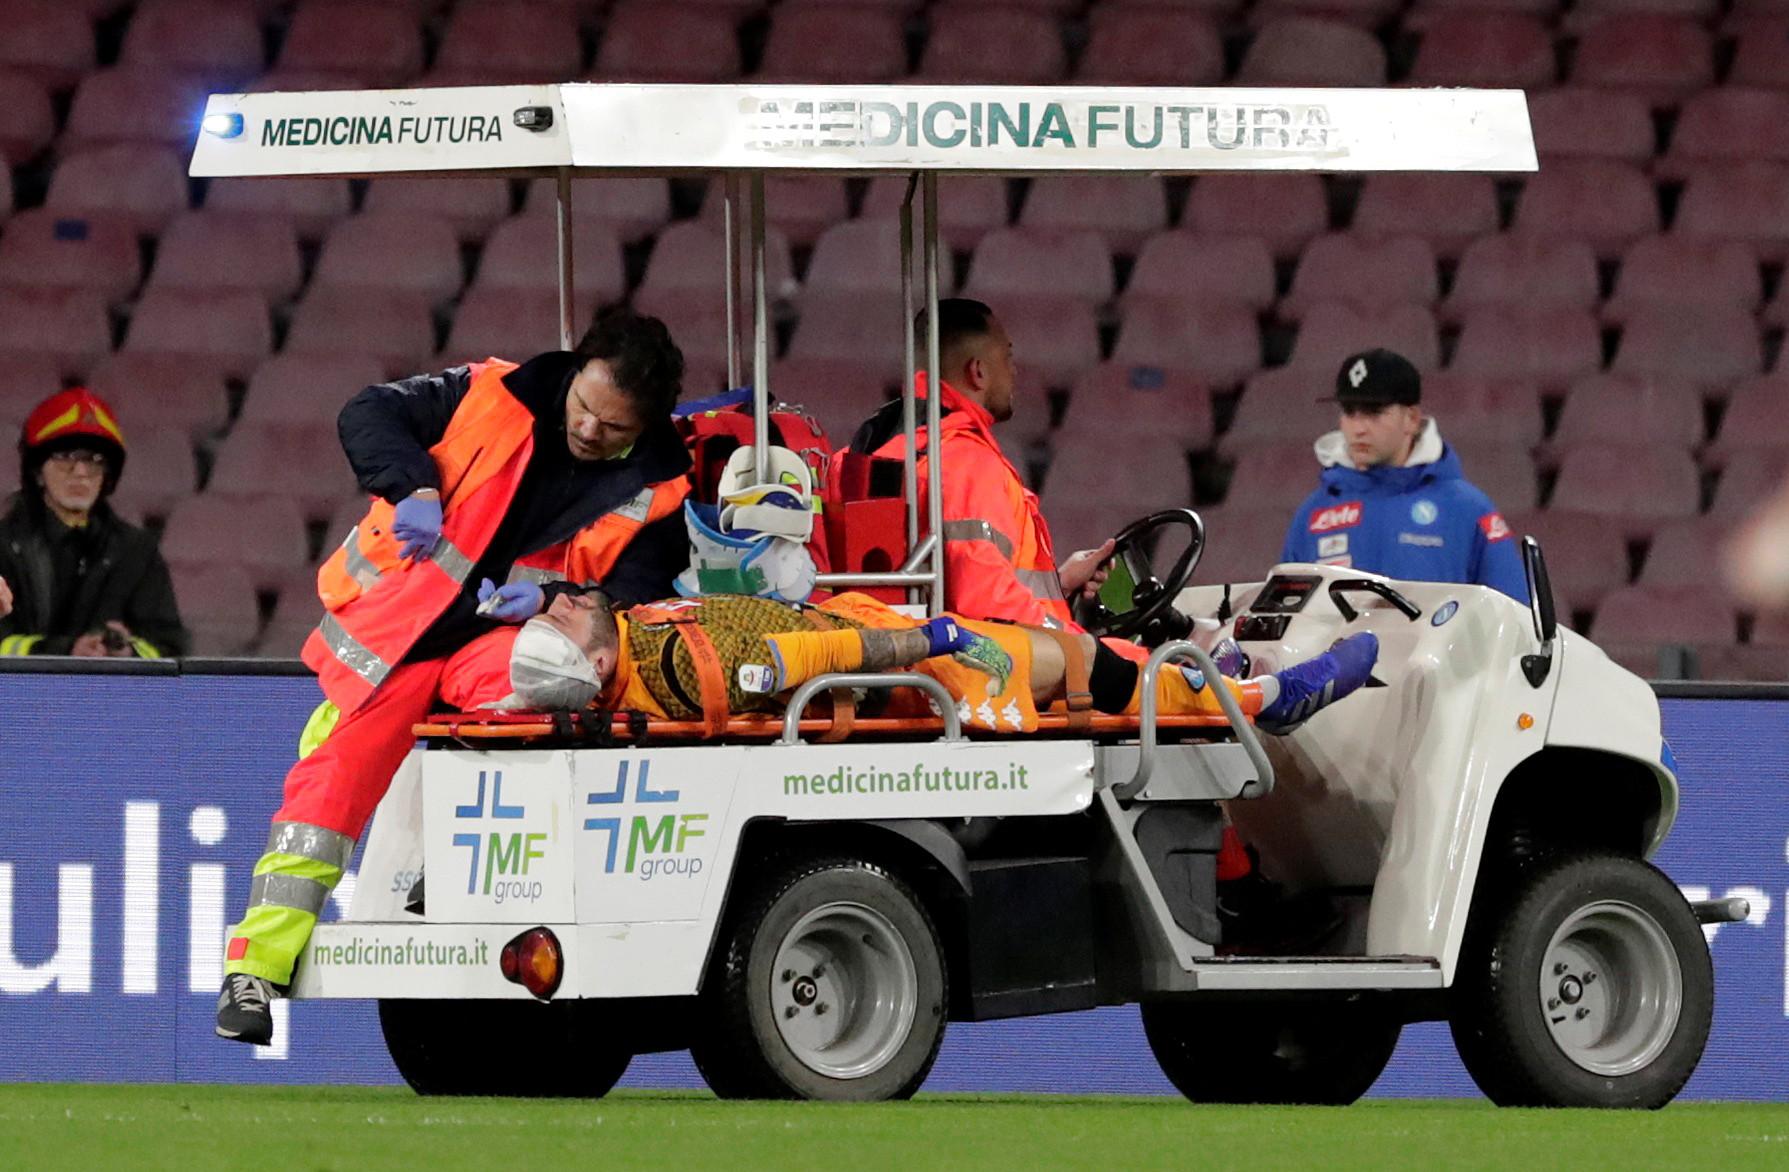 Em jogo marcado por desmaio de Ospina, Napoli vence a Udinese